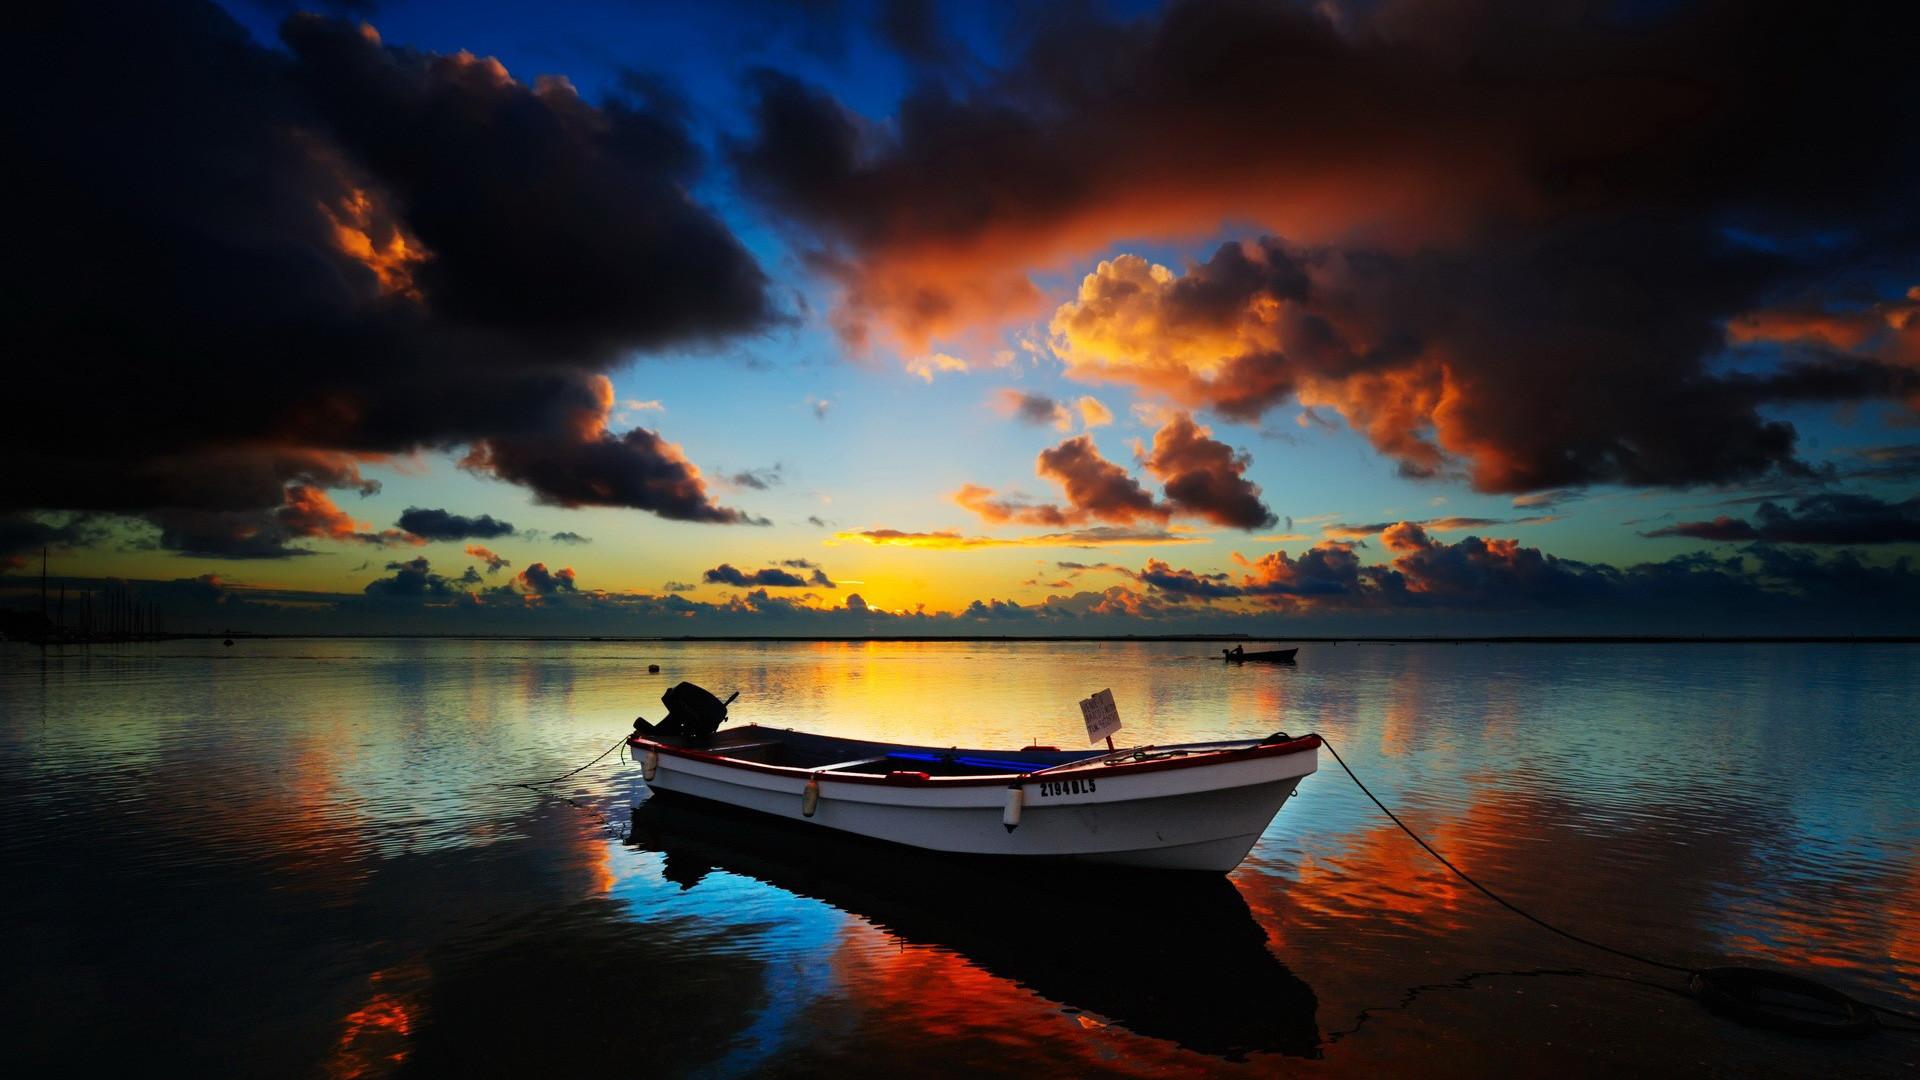 Res: 1920x1080, Summer Sunset. Wallpaper: Summer Sunset